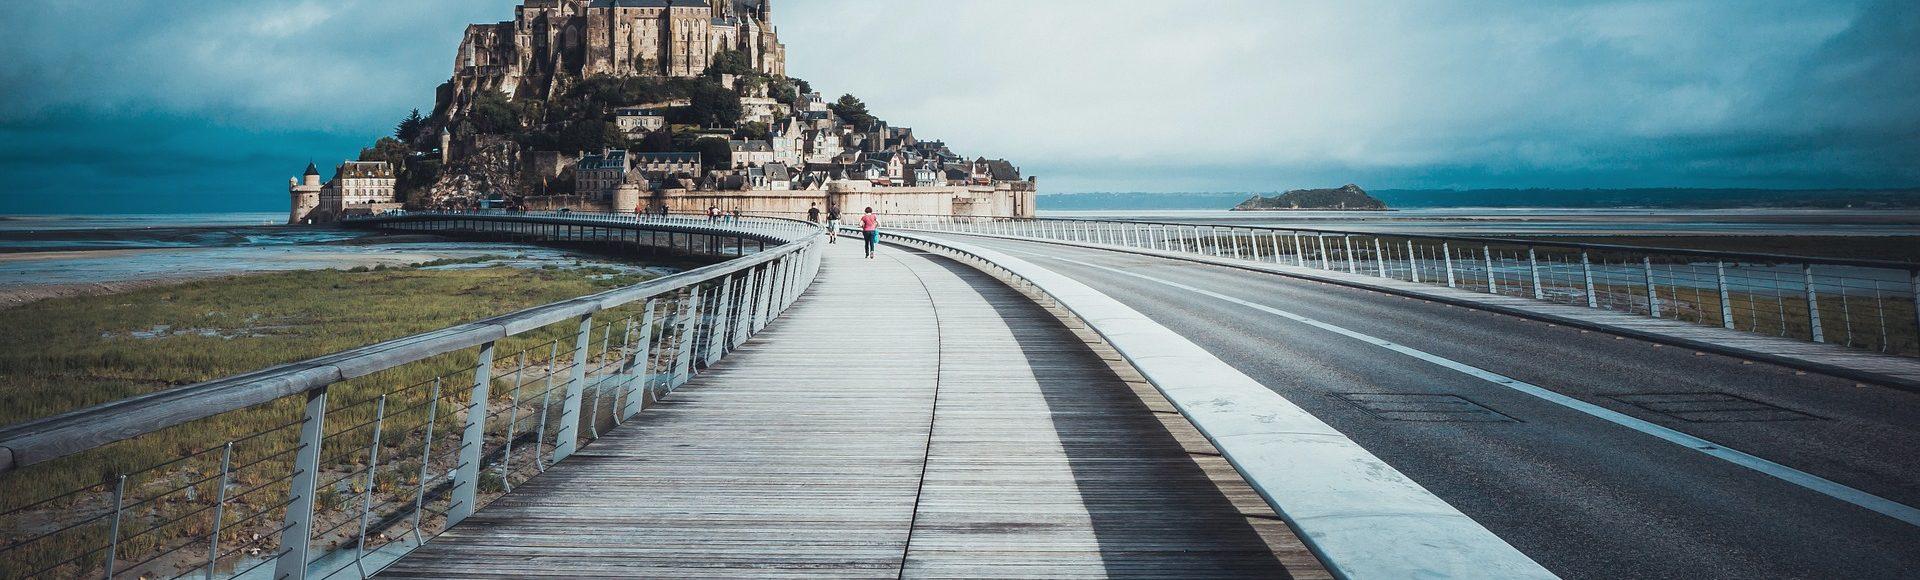 Estos son los 5 motivos por los que Francia es el destino favorito de los viajes de fin de curso